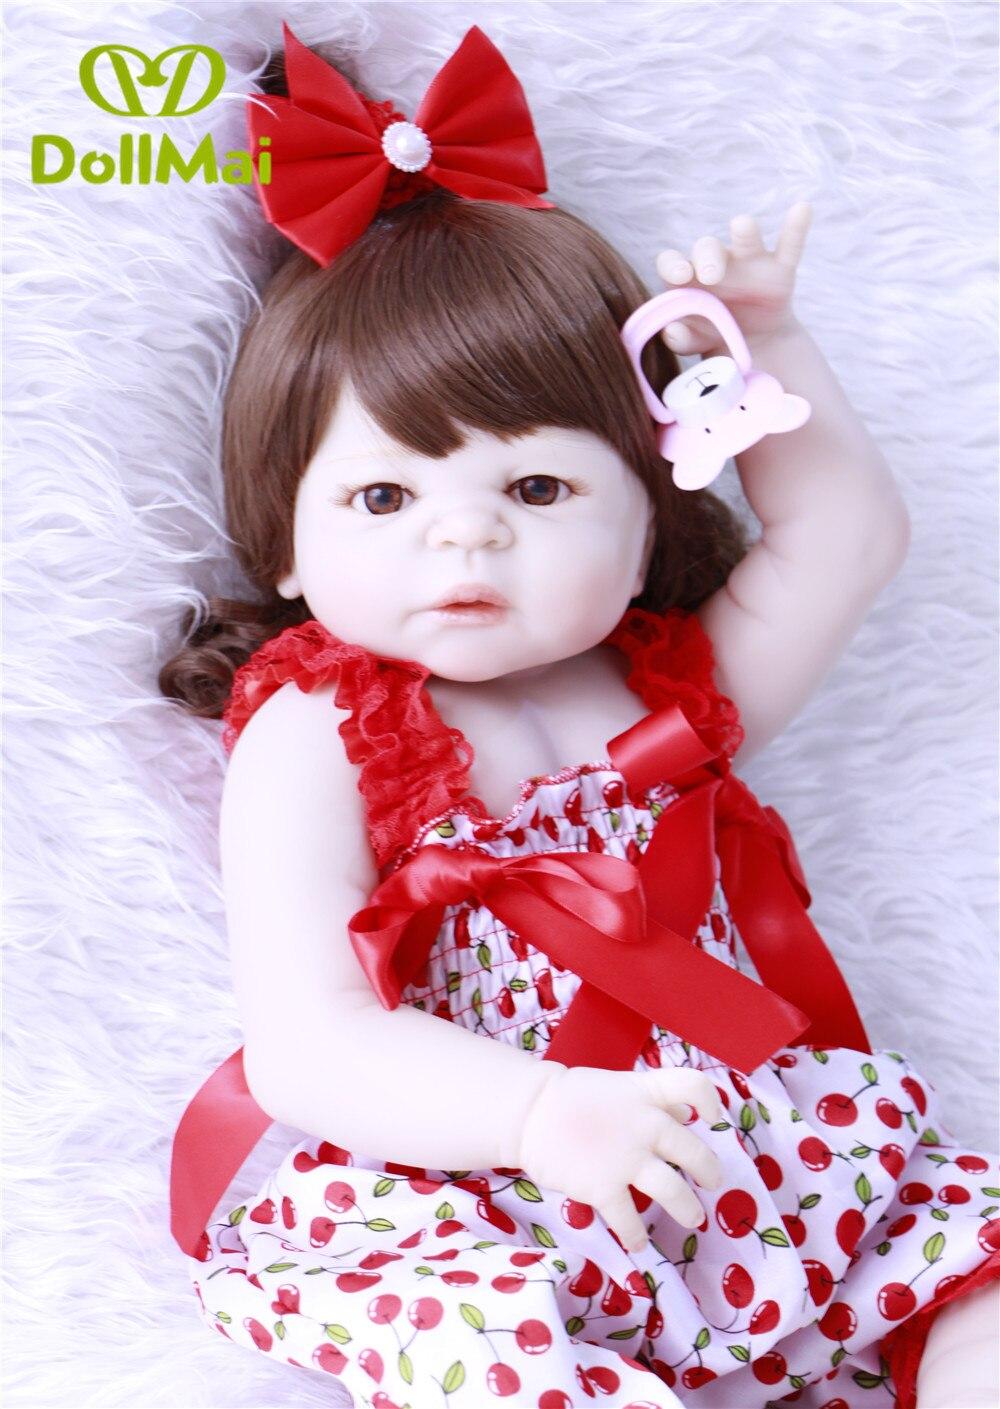 DollMai bebe vivant reborn menina boneca 57cm réaliste Reborn bébé poupée filles corps complet en Silicone avec sucette enfant cadeau-in Poupées from Jeux et loisirs    1